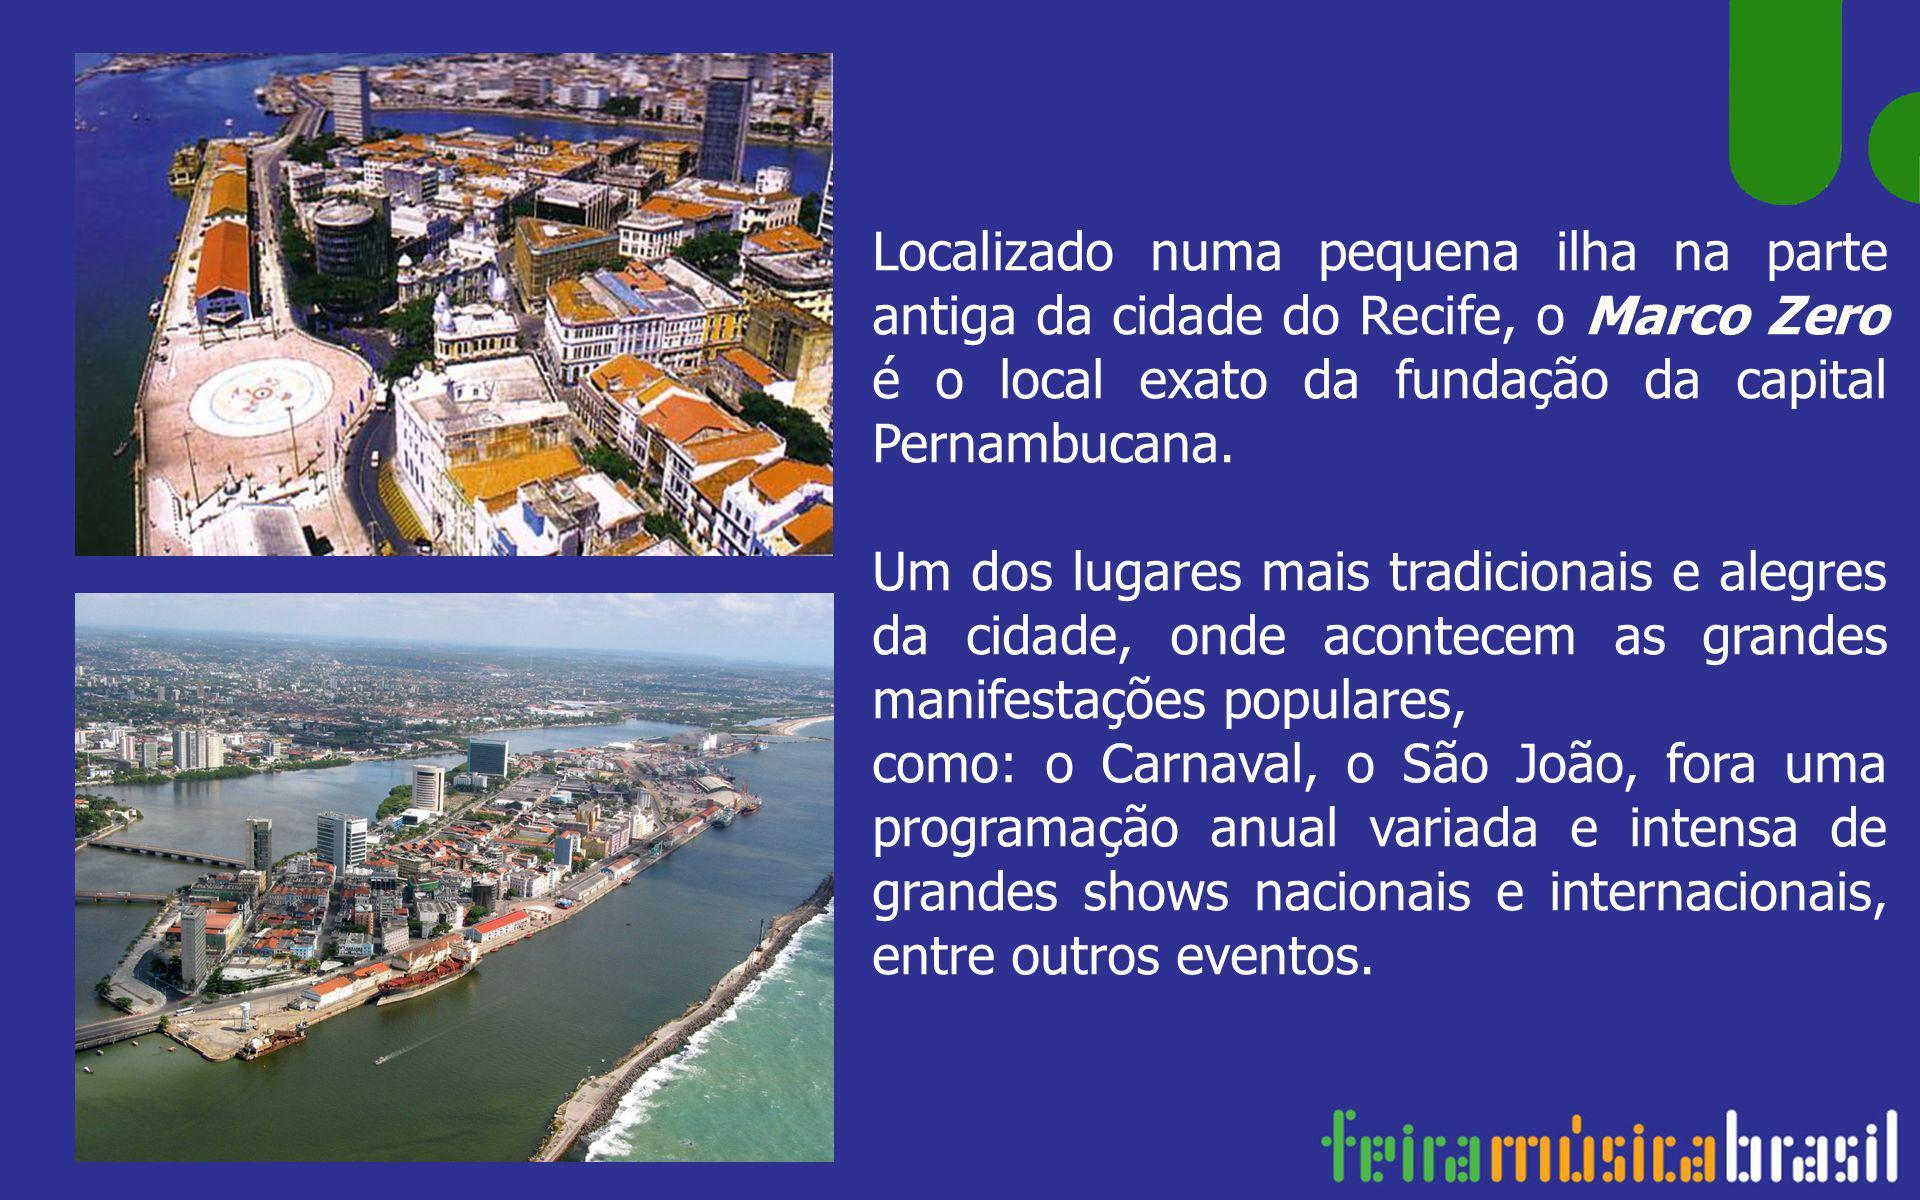 Localizado numa pequena ilha na parte antiga da cidade do Recife, o Marco Zero é o local exato da fundação da capital Pernambucana. Um dos lugares mai